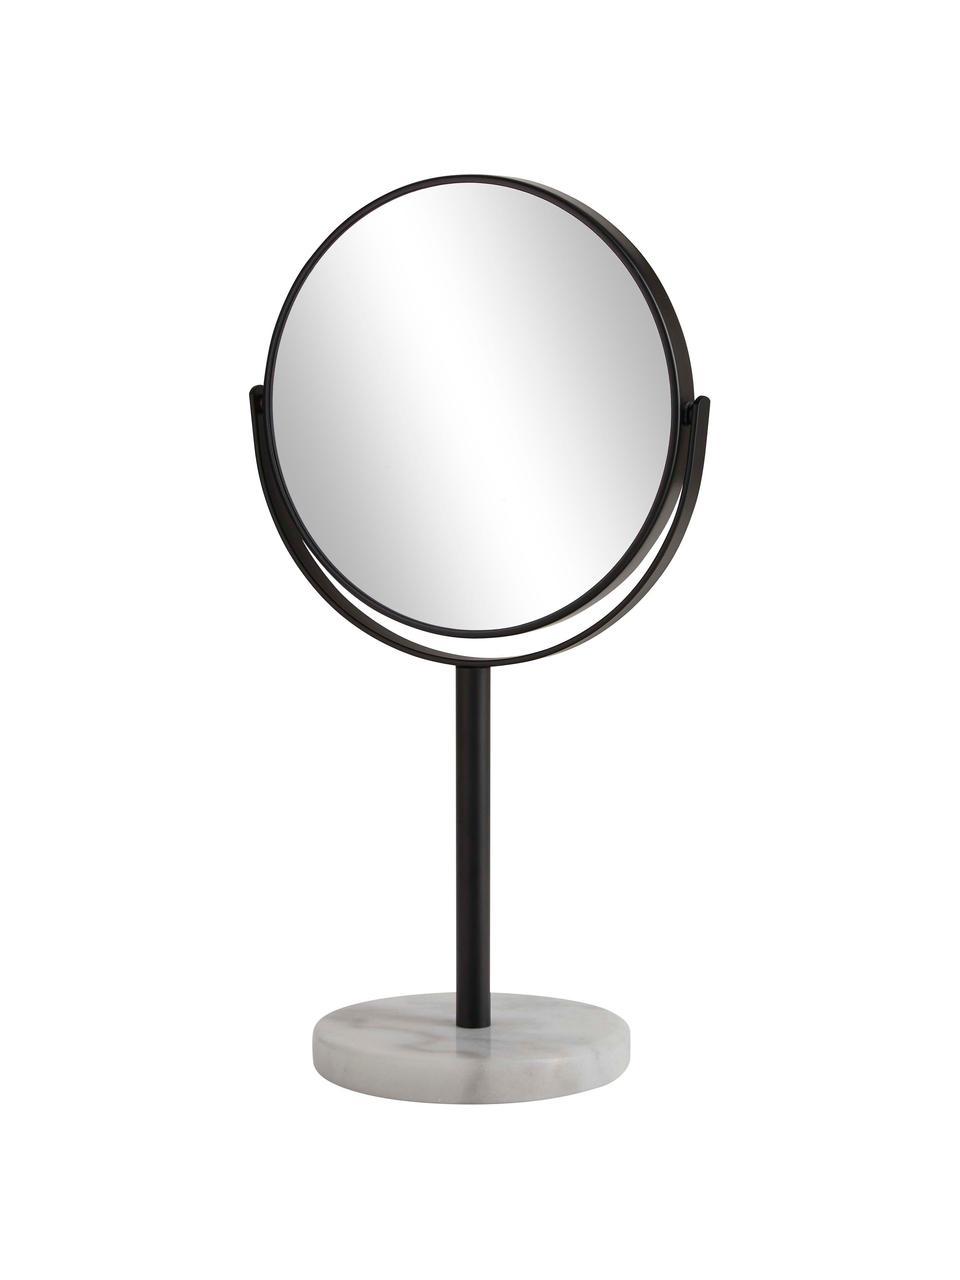 Kozmetické zrkadlo s mramorovým podstavcom Ramona, Čierna, biela